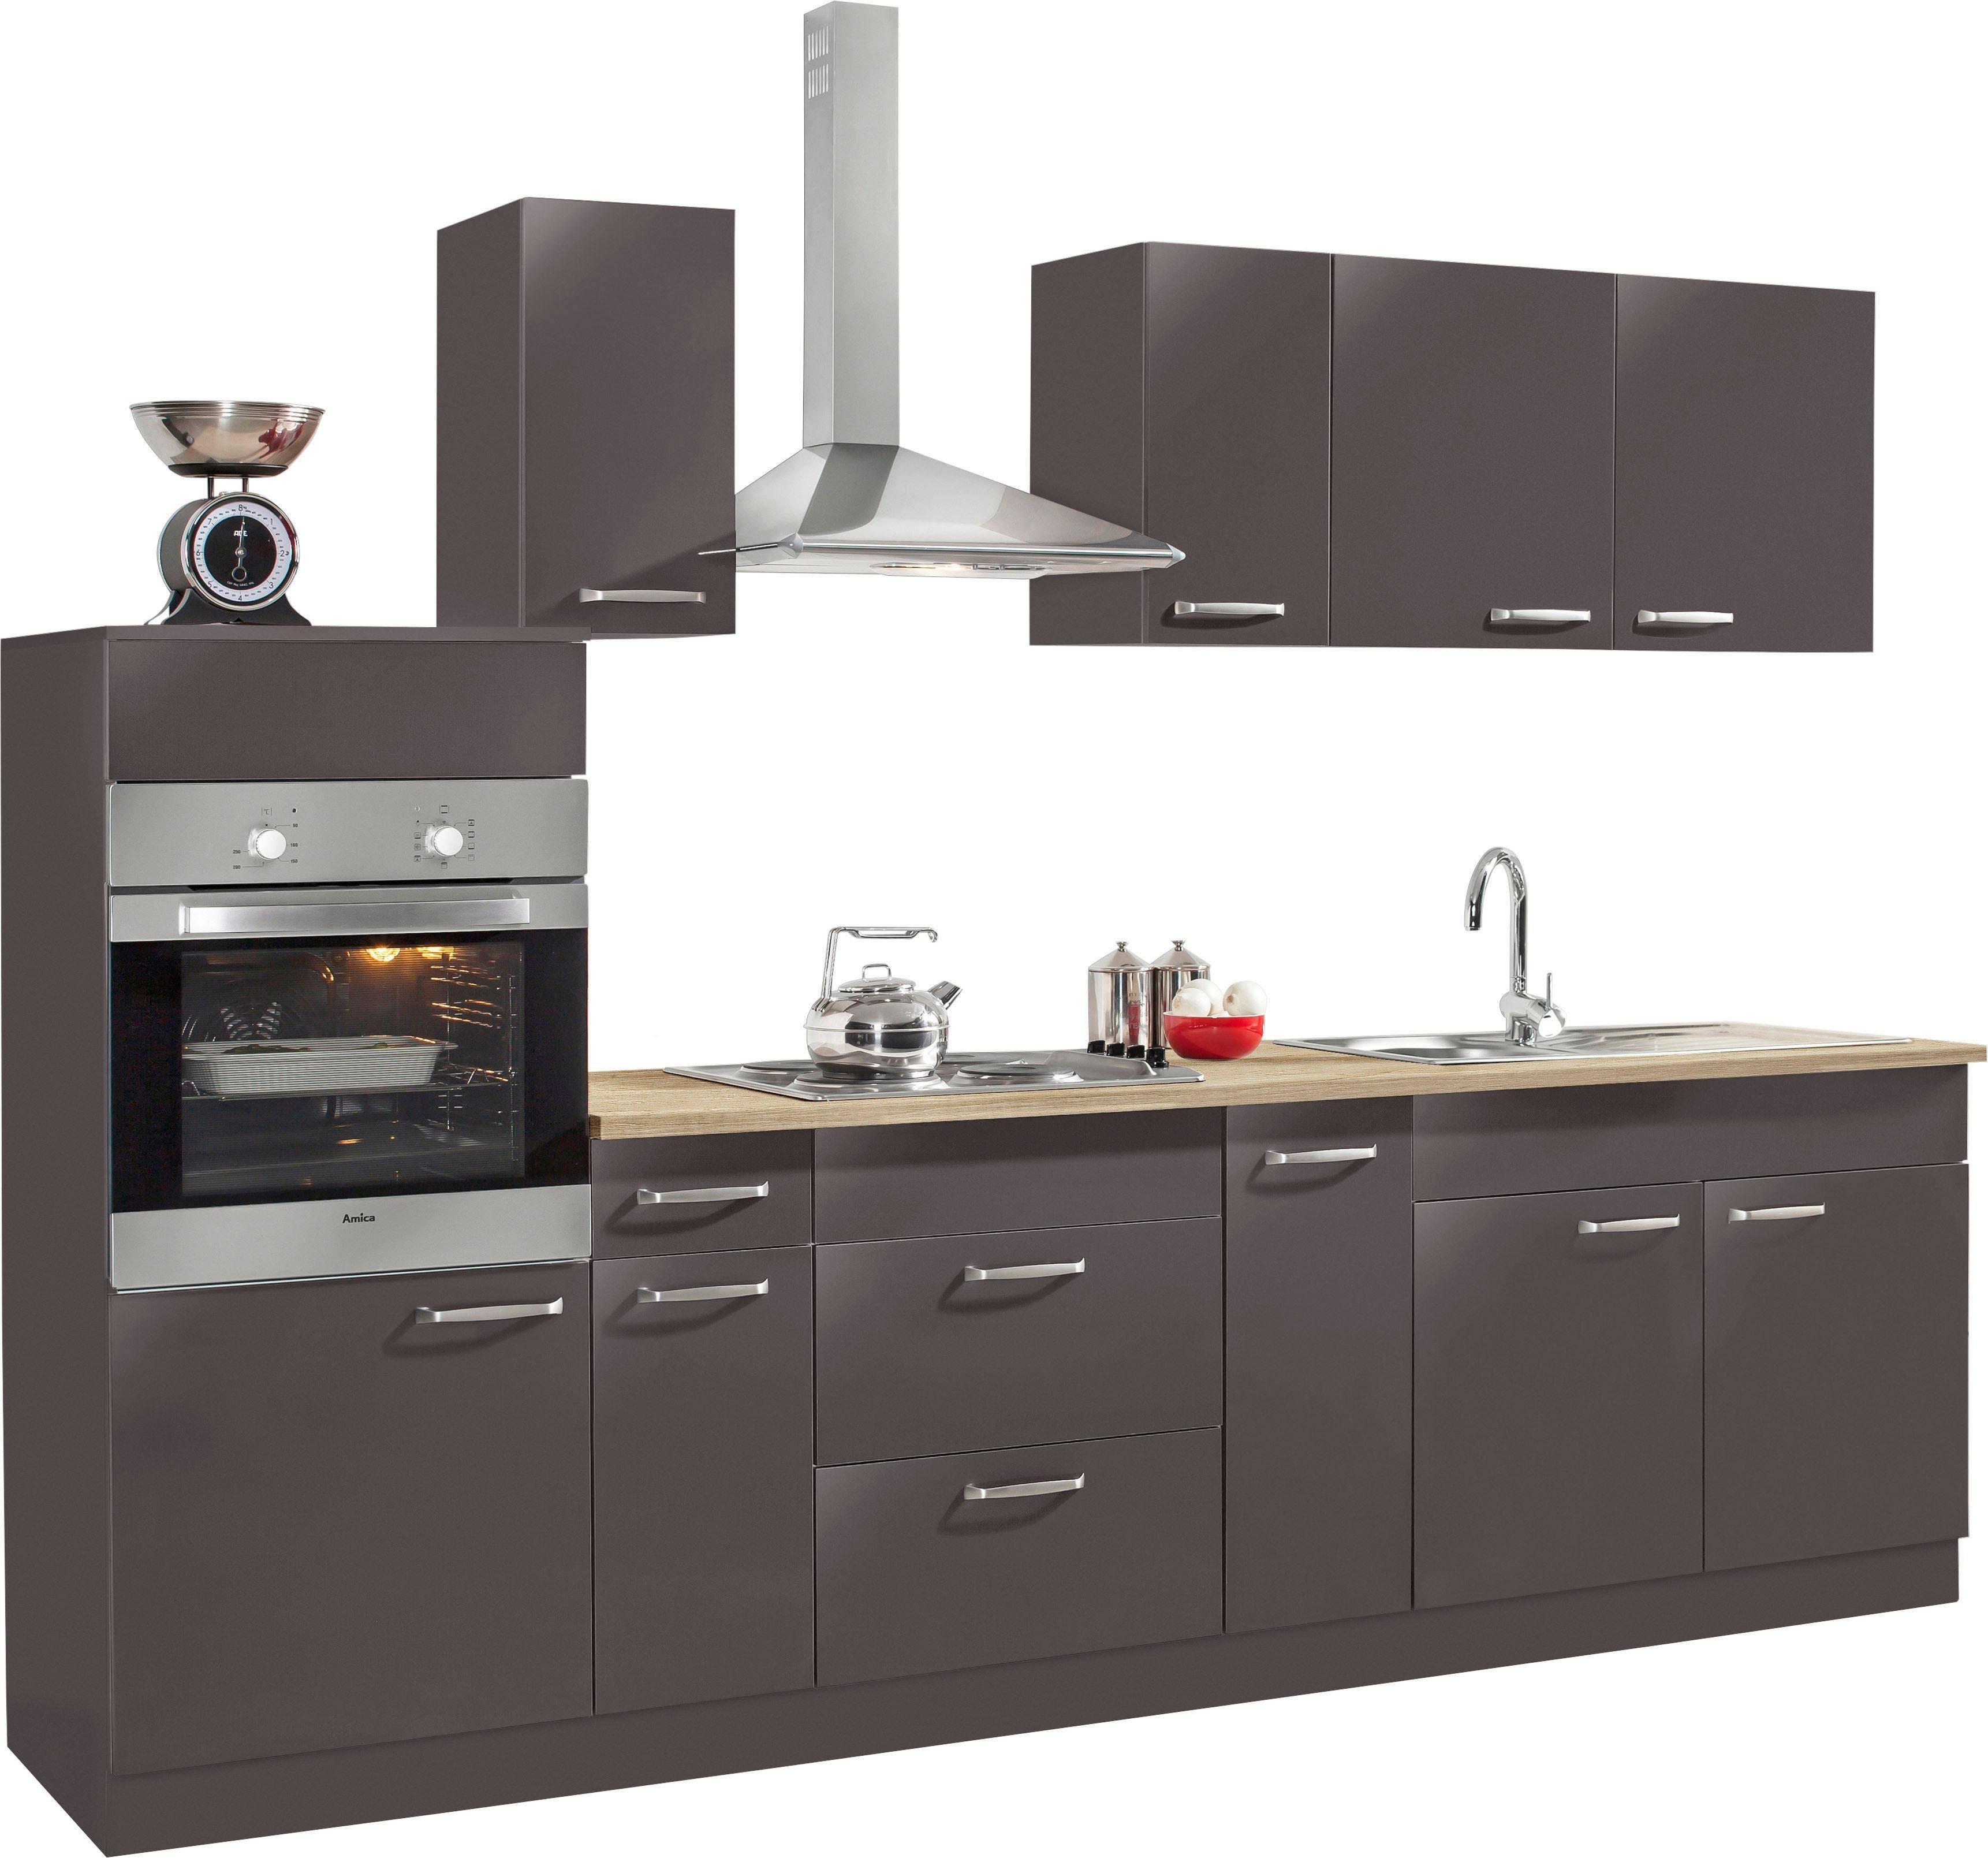 Niedlich Americana Häuschen Eiche Kücheninsel Bilder - Küchen Design ...